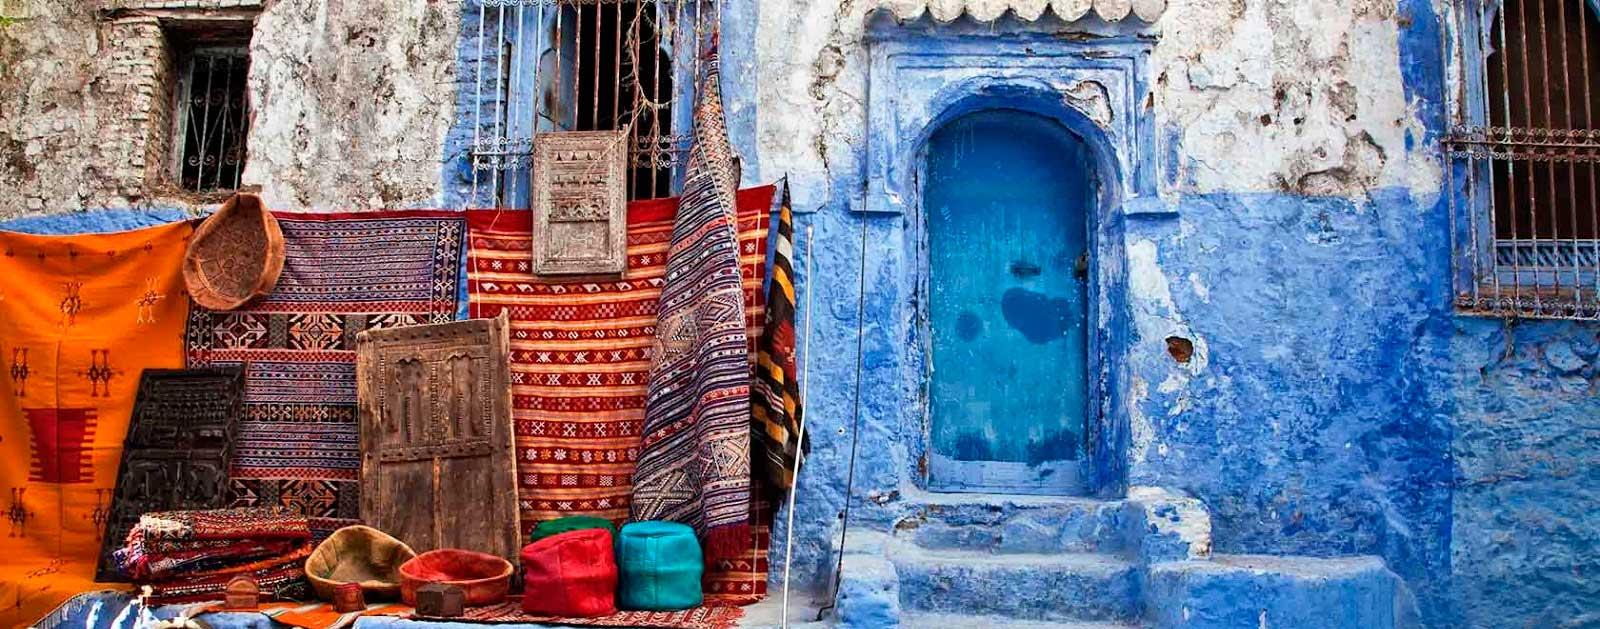 chaouen-marruecos-cabecera